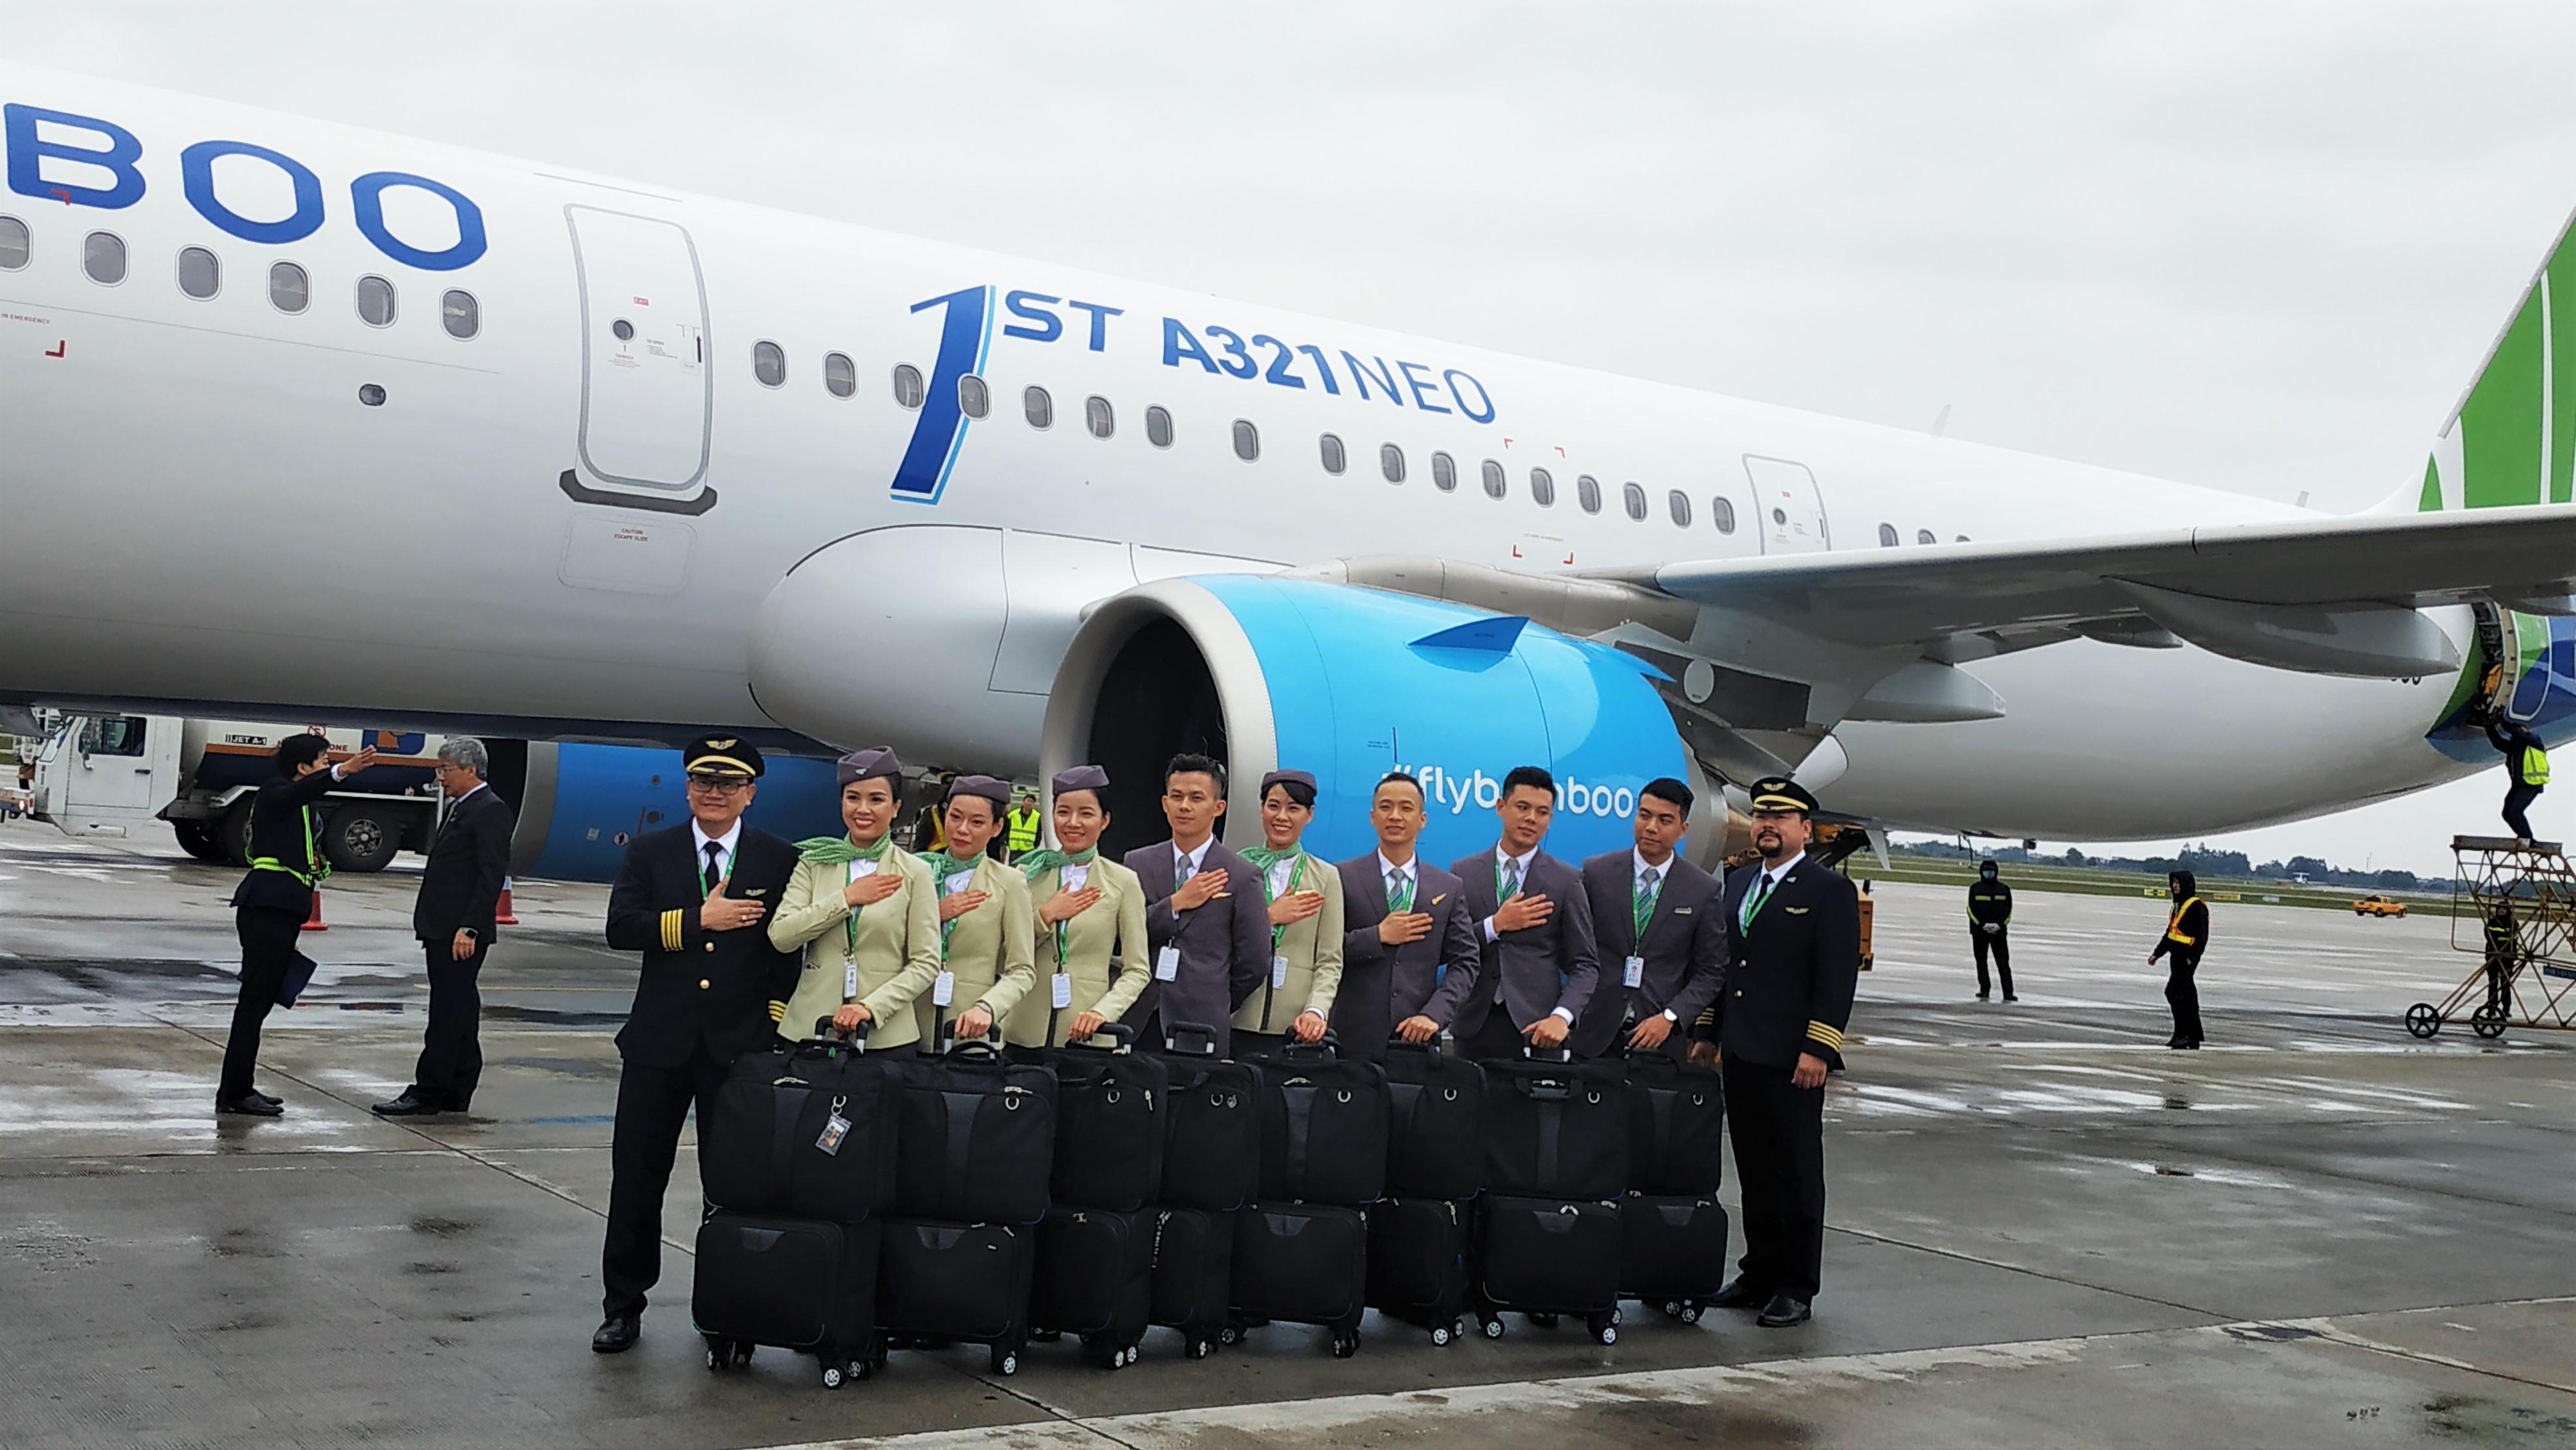 Hành trang của Bamboo Airways trên con đường IPO ở Mỹ - Ảnh 1.